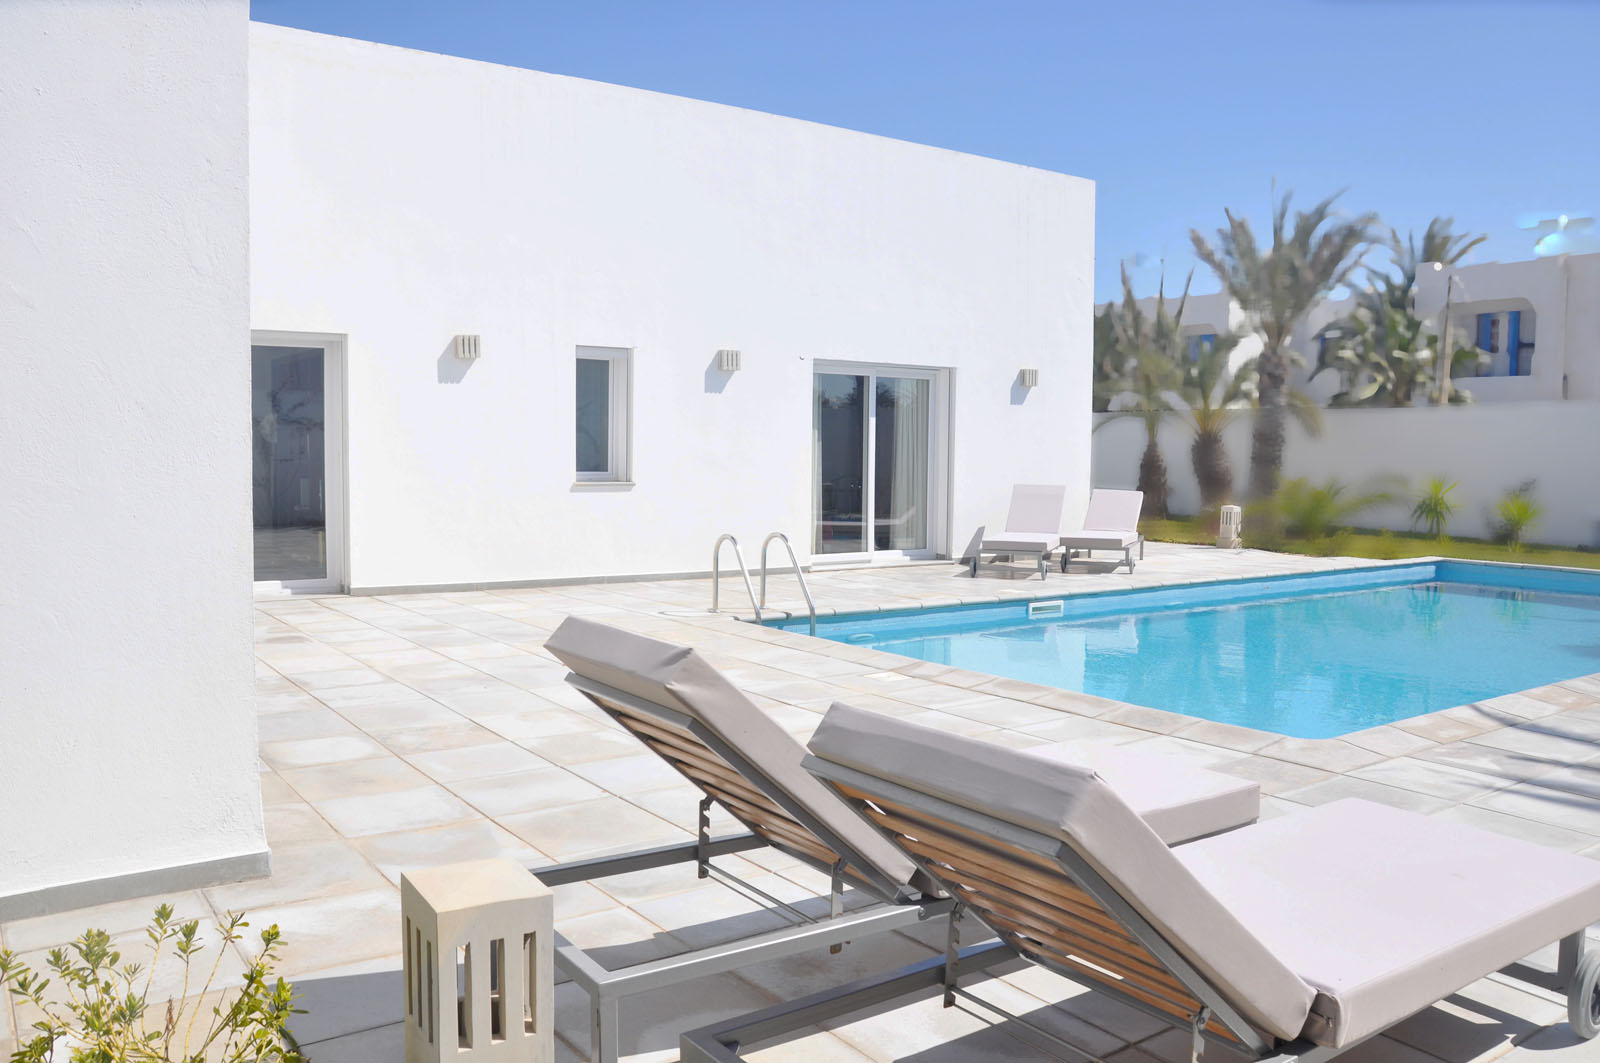 architecture moderne traditionnelle tunisie villa R samia-benabdallah BA-Studio